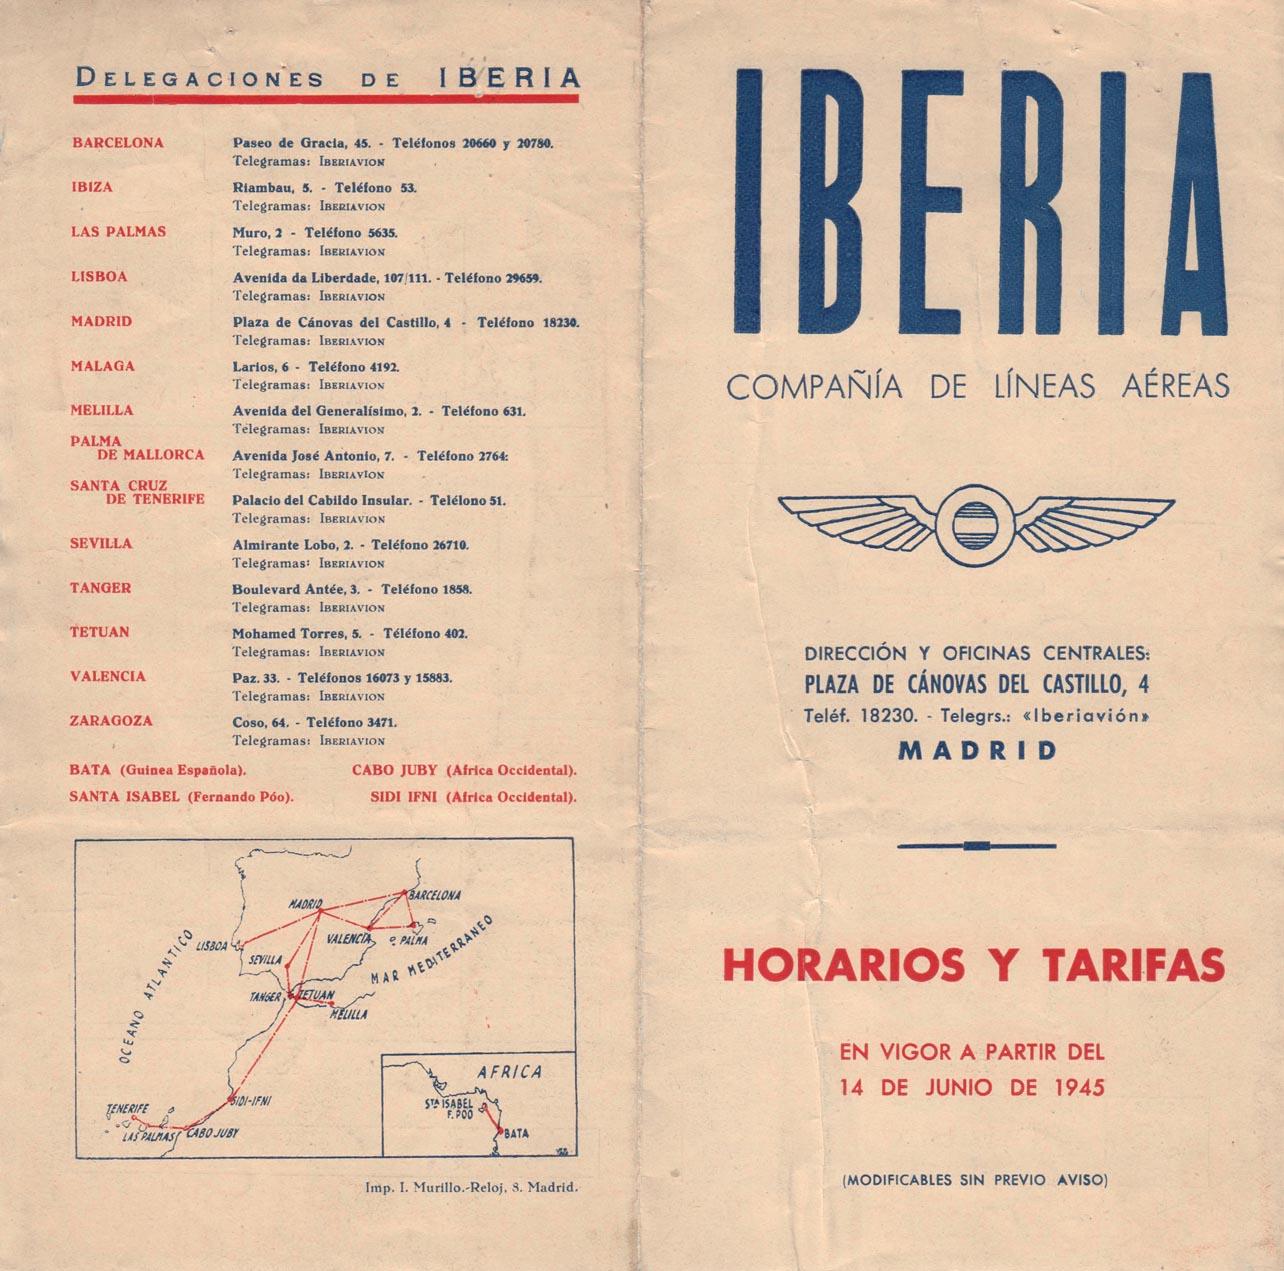 Tabla de horarios y tarifas de Iberia, vigentes desde junio de 1945. Portada/Contraportada.